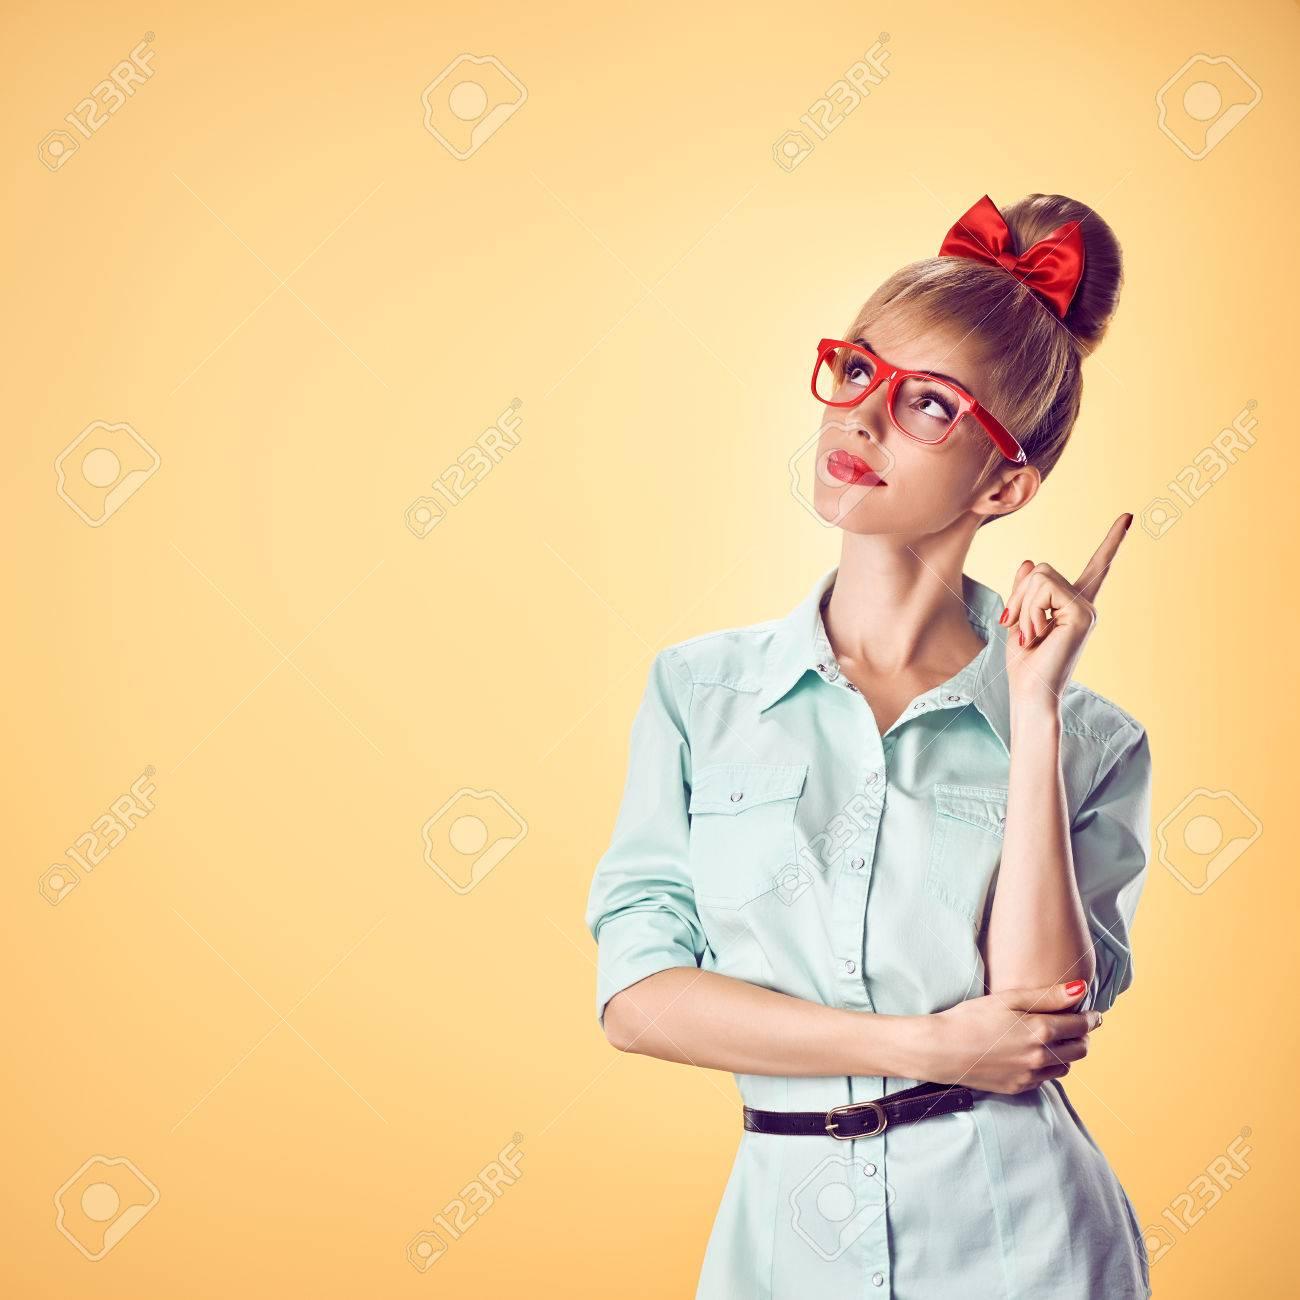 Mode Nerd Frau In Stilvollen Gläsern Die Spaß Haben Hipster Mode